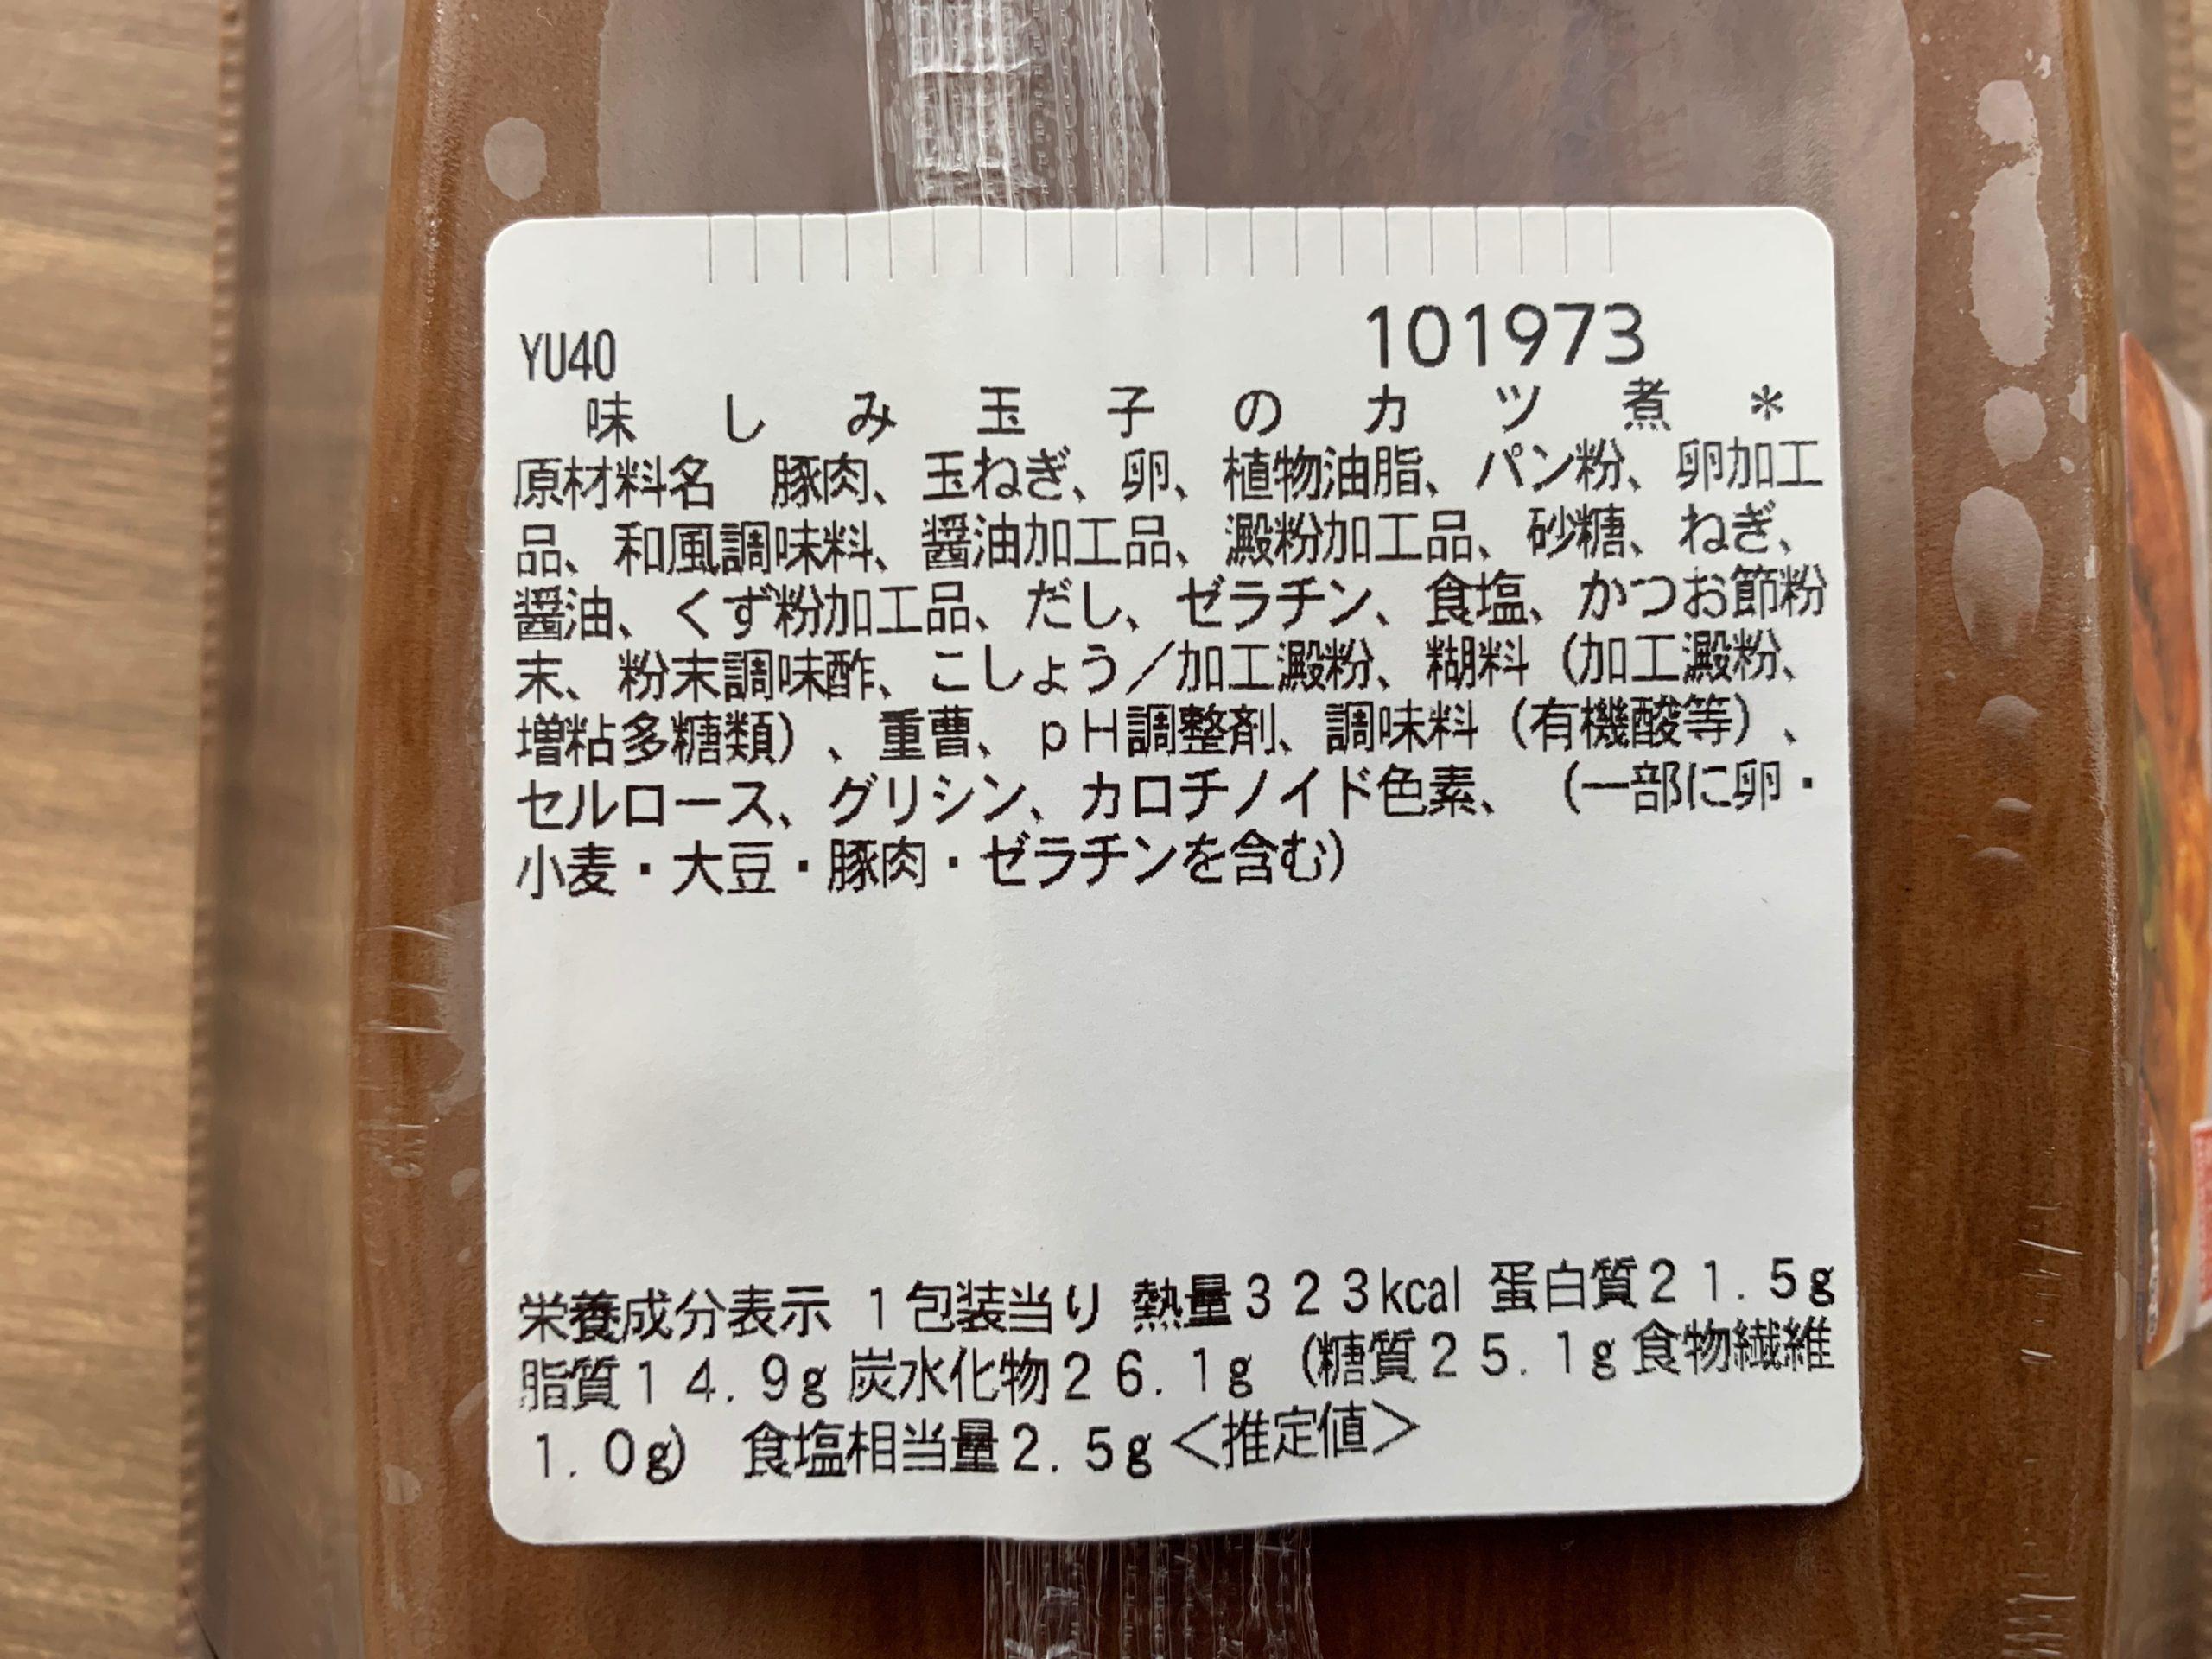 味しみ玉子のカツ煮の原材料と栄養成分